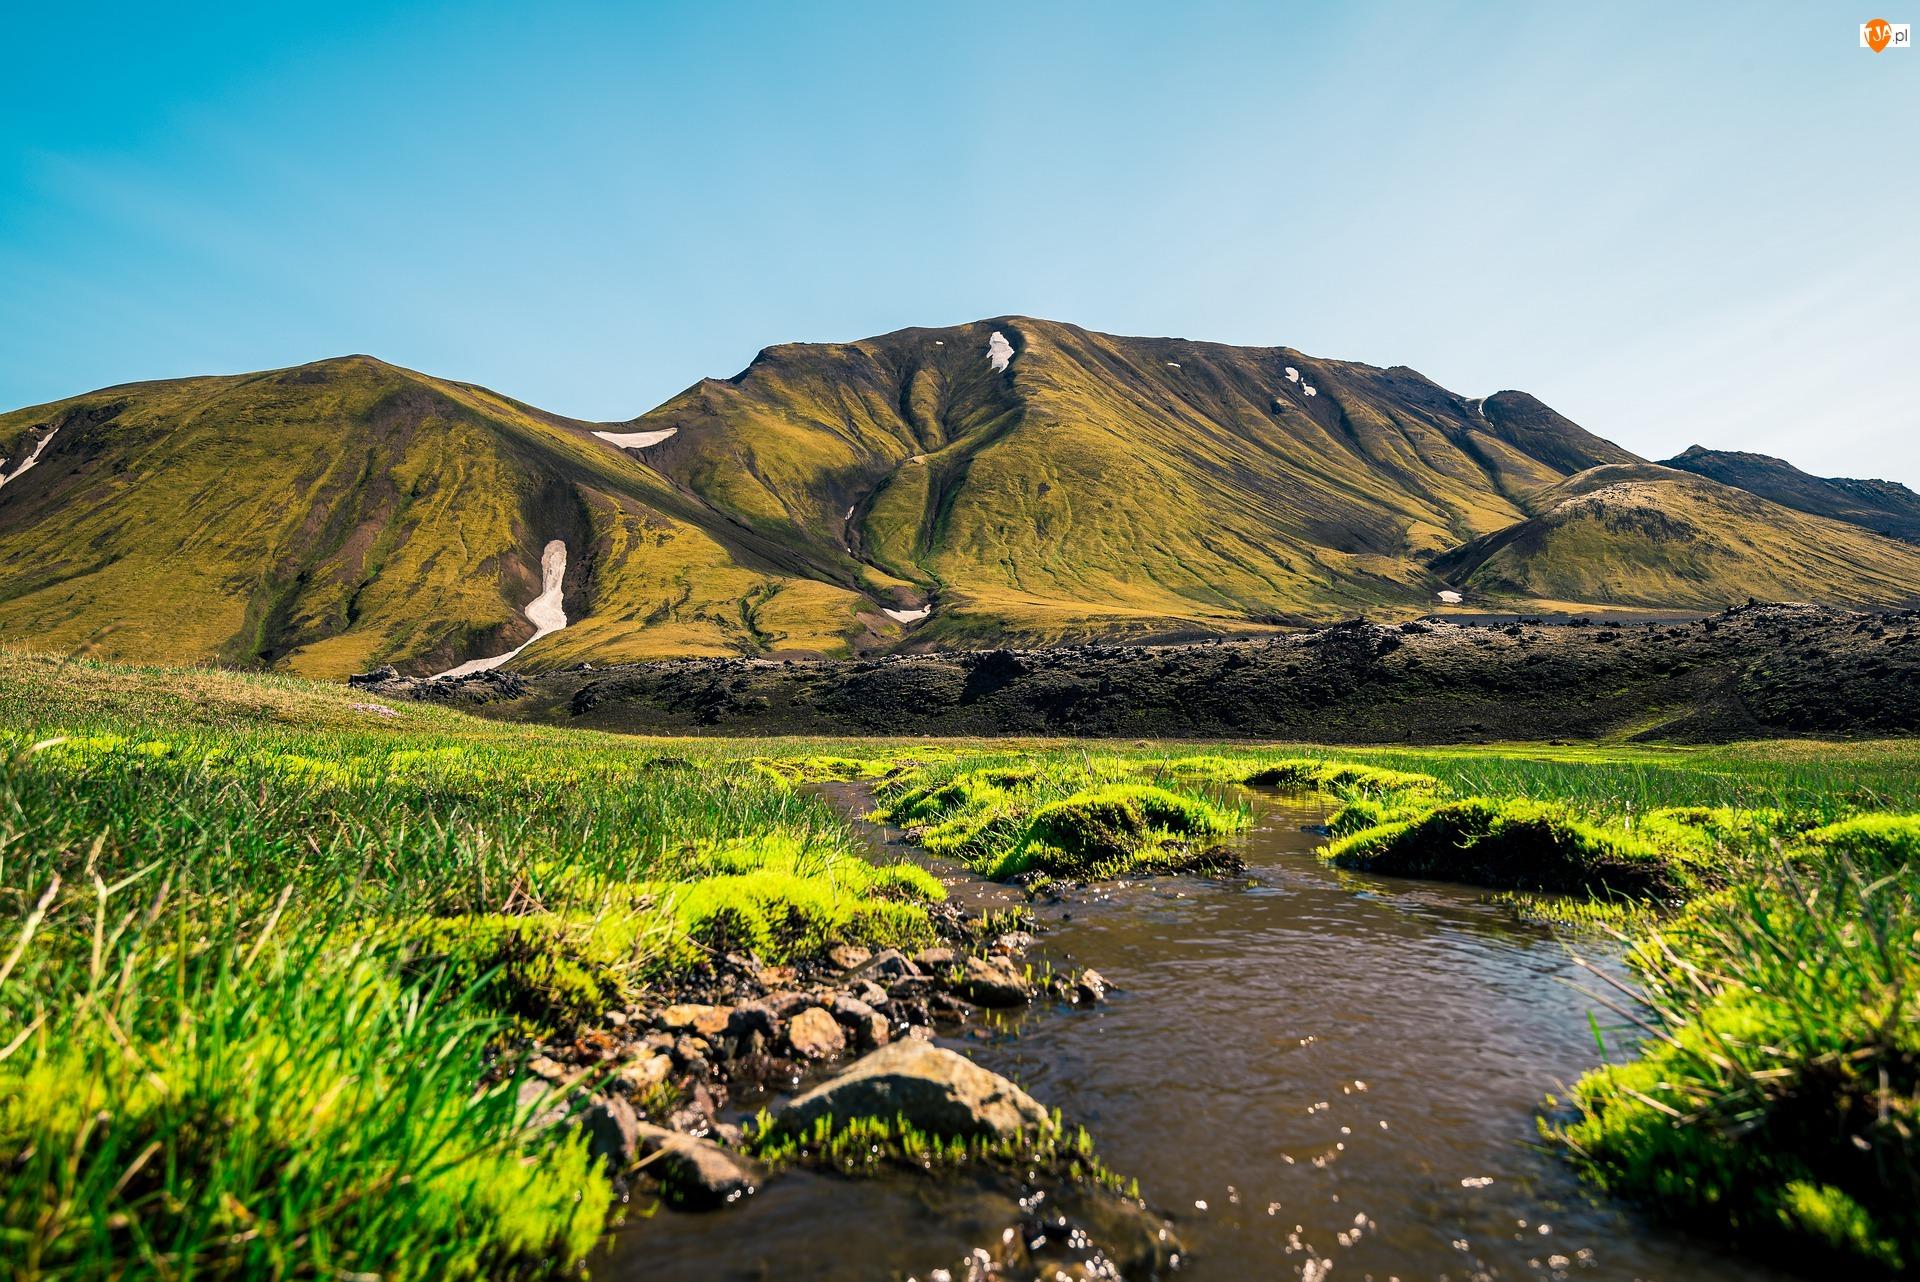 Rzeka, Trawa, Góry, Islandia, Zielona